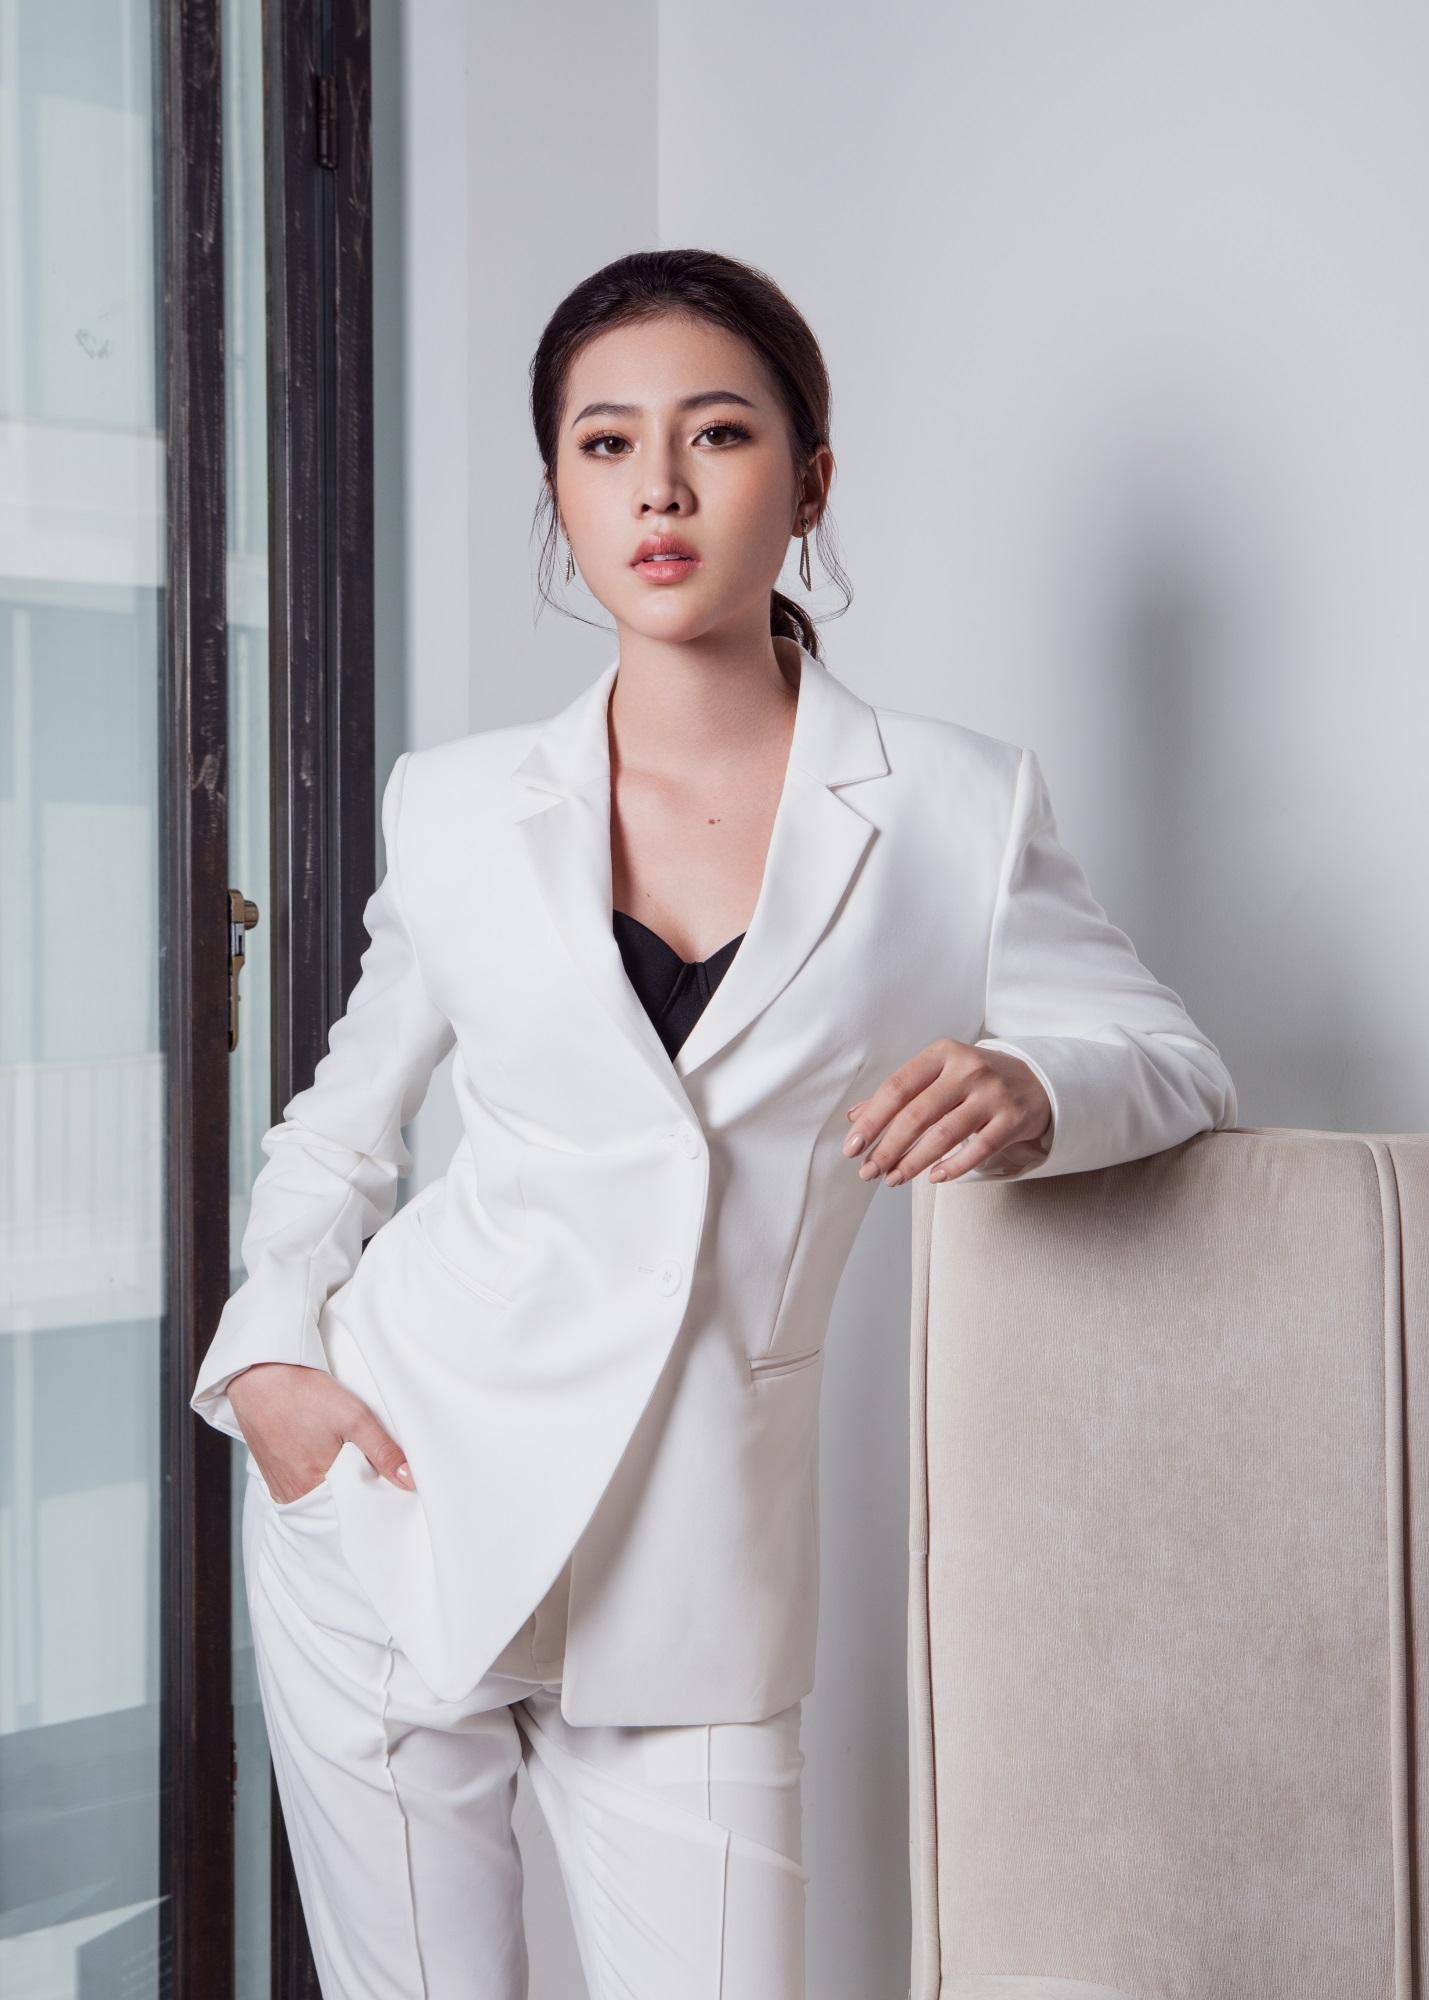 Hoa hậu Biển Kim Ngọc 'tái xuất' với hình ảnh quý cô thanh lịch đầy cuốn hút - Ảnh 12